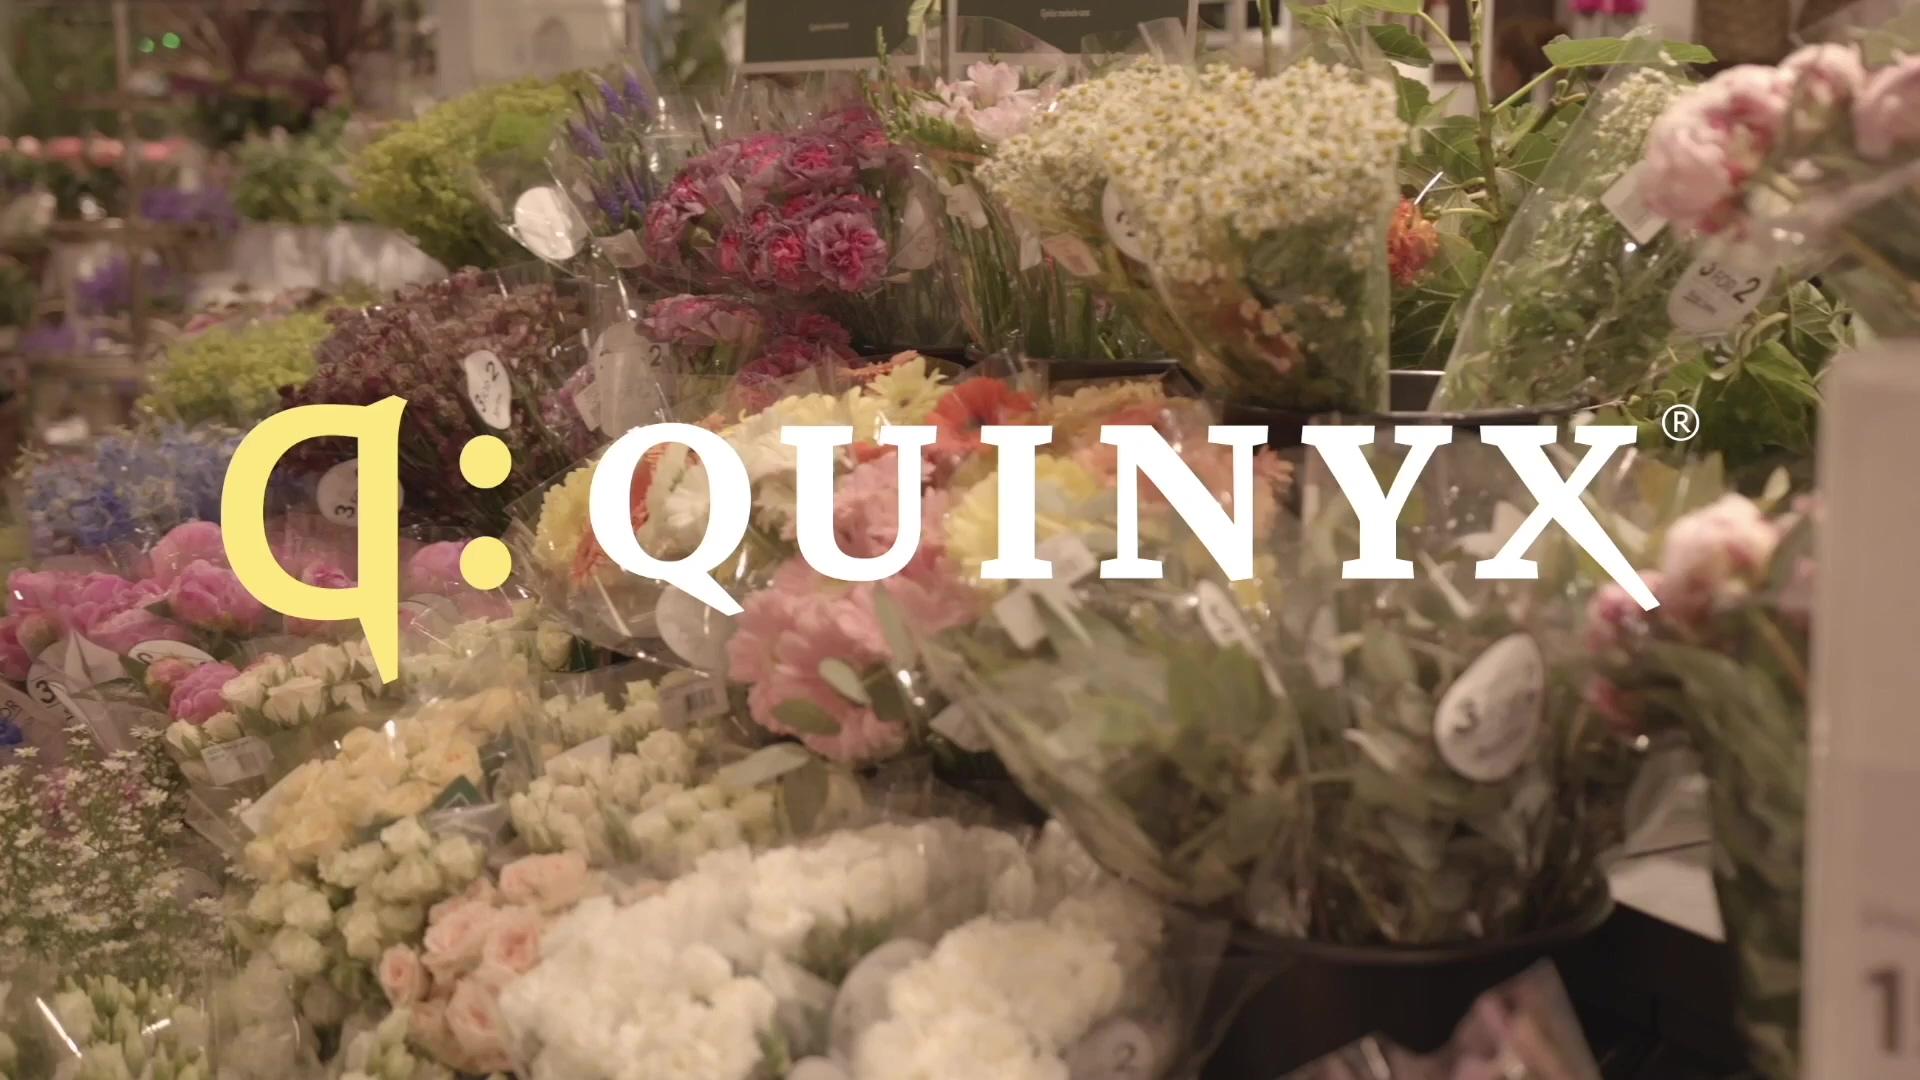 Quinyx_Børke&Tangen(Mester_Grønn)_1.5_subtitled